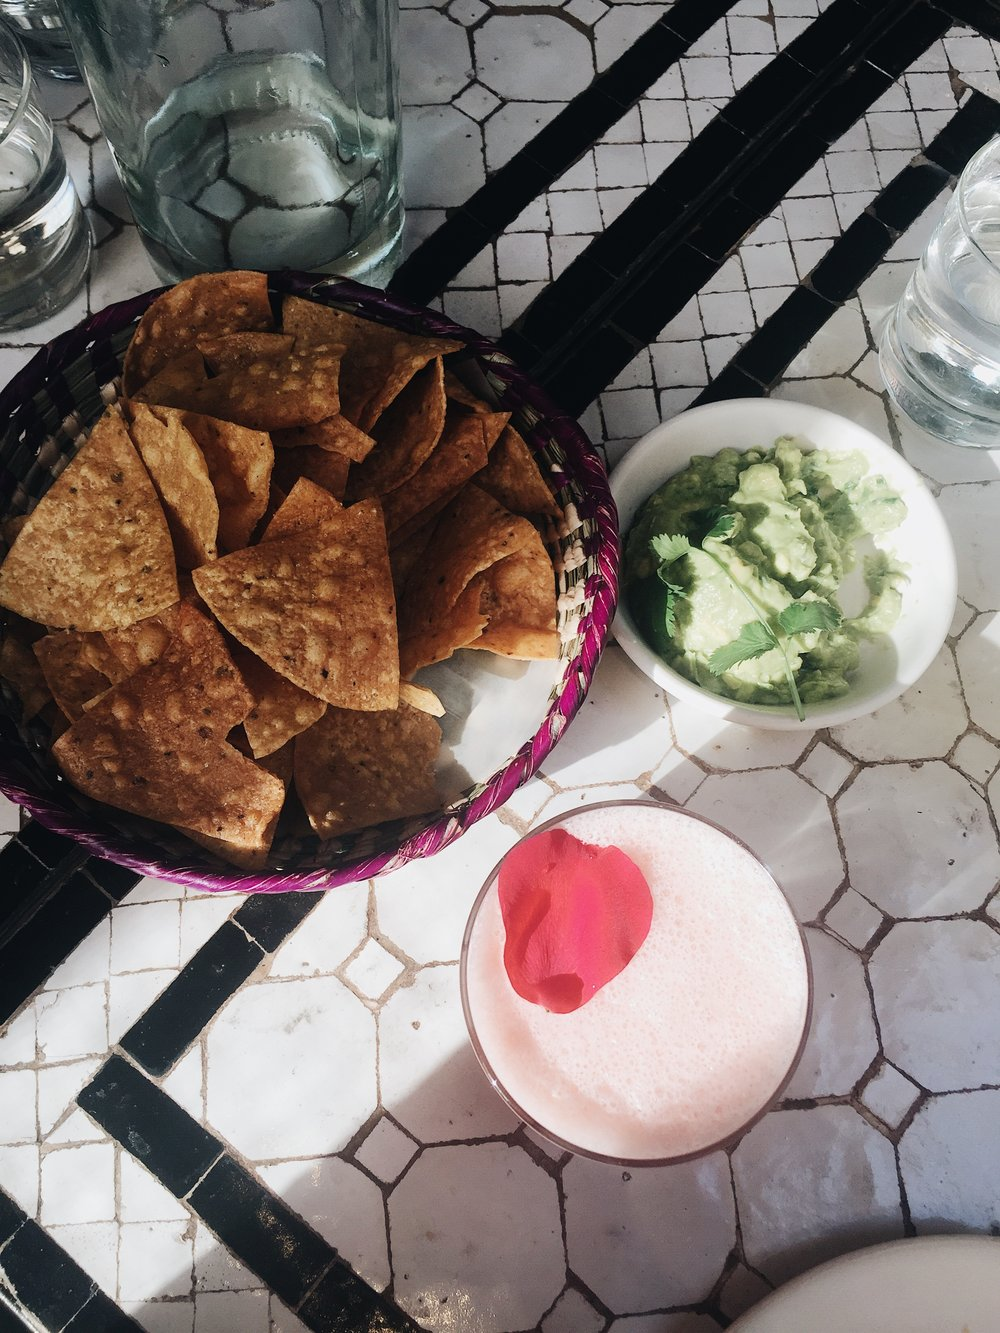 - Chips & Guac at Gracias Madre.